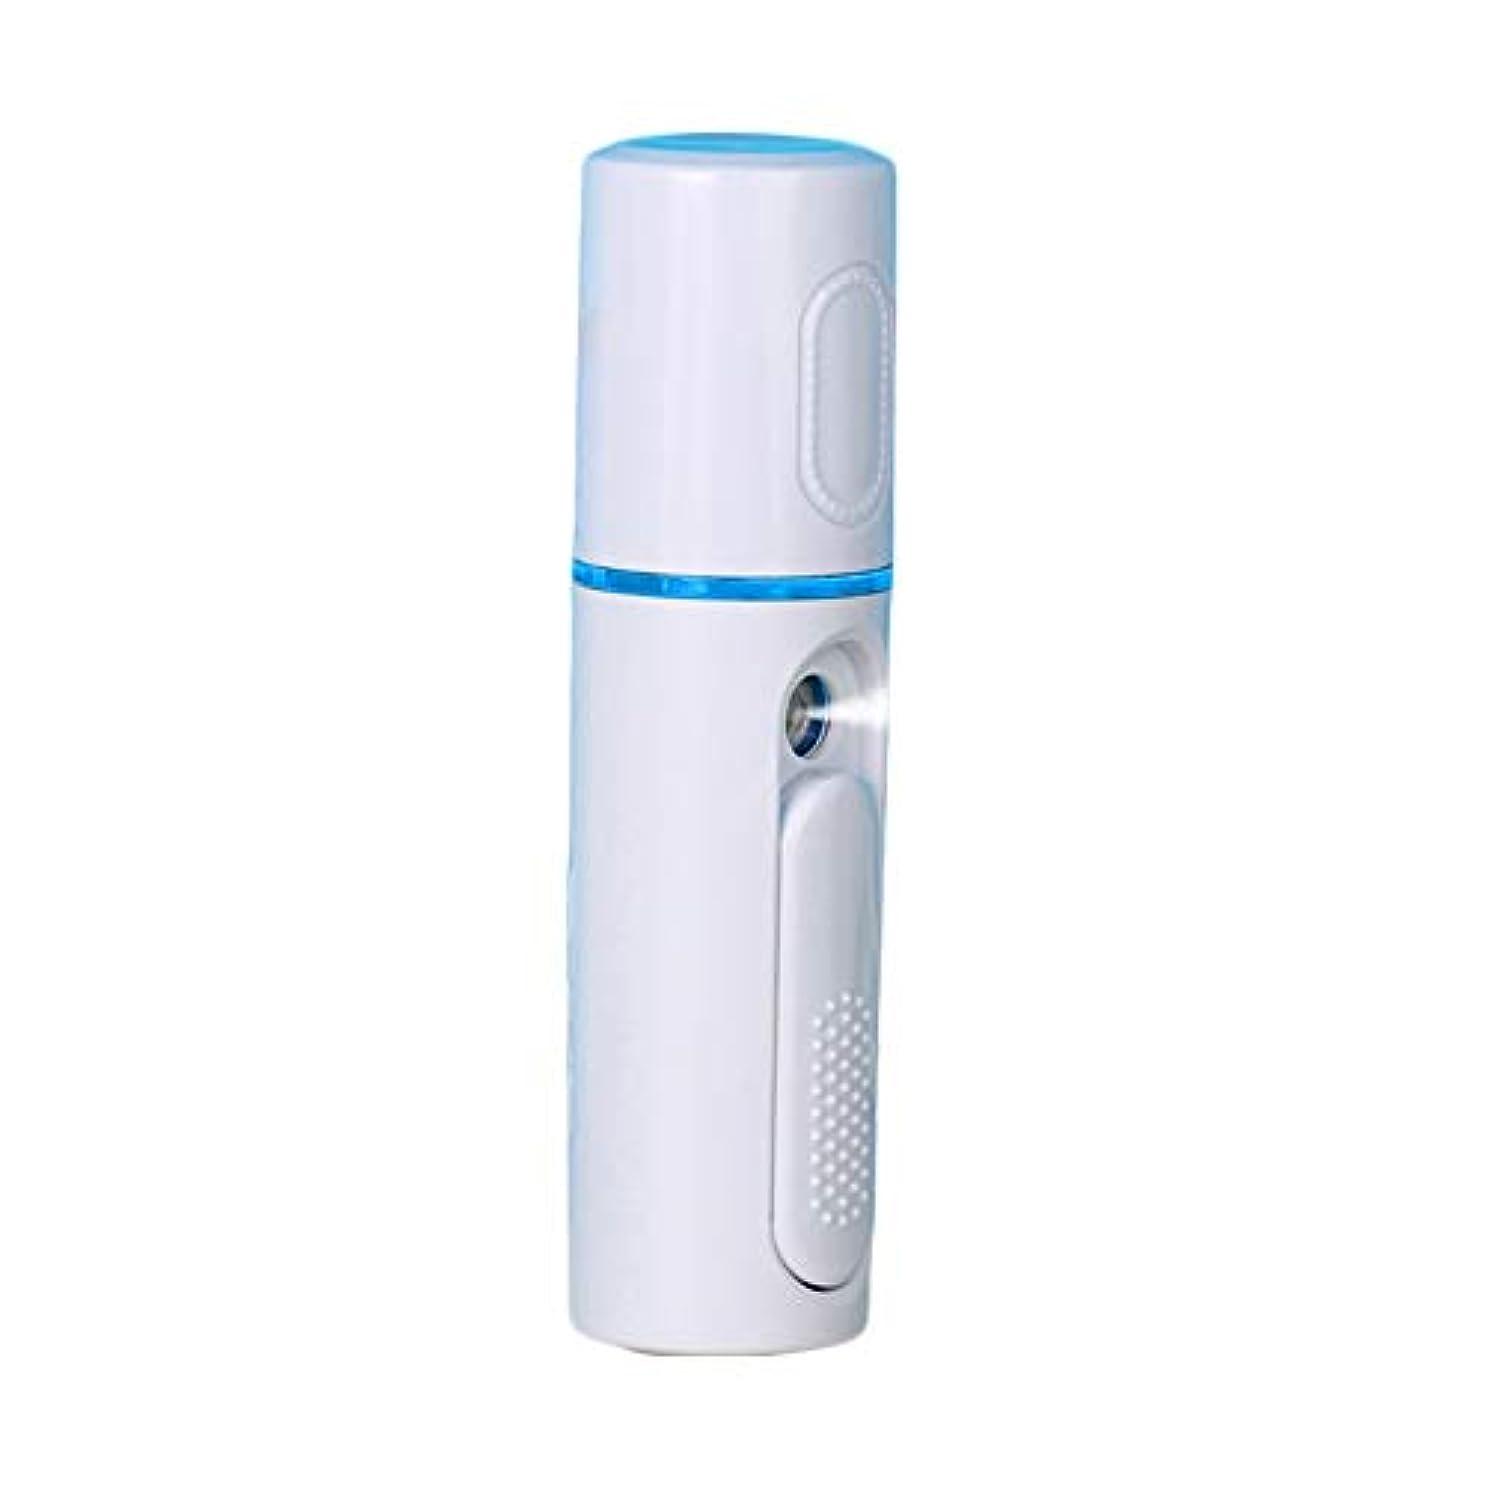 水を飲む鳴り響く豆腐美顔器 噴霧式 ミニ携帯 ハンディ 美顔スプレー保湿 美白顔用加湿器 フェイススチーマー 補水美容器 小型 ナノミスト USB